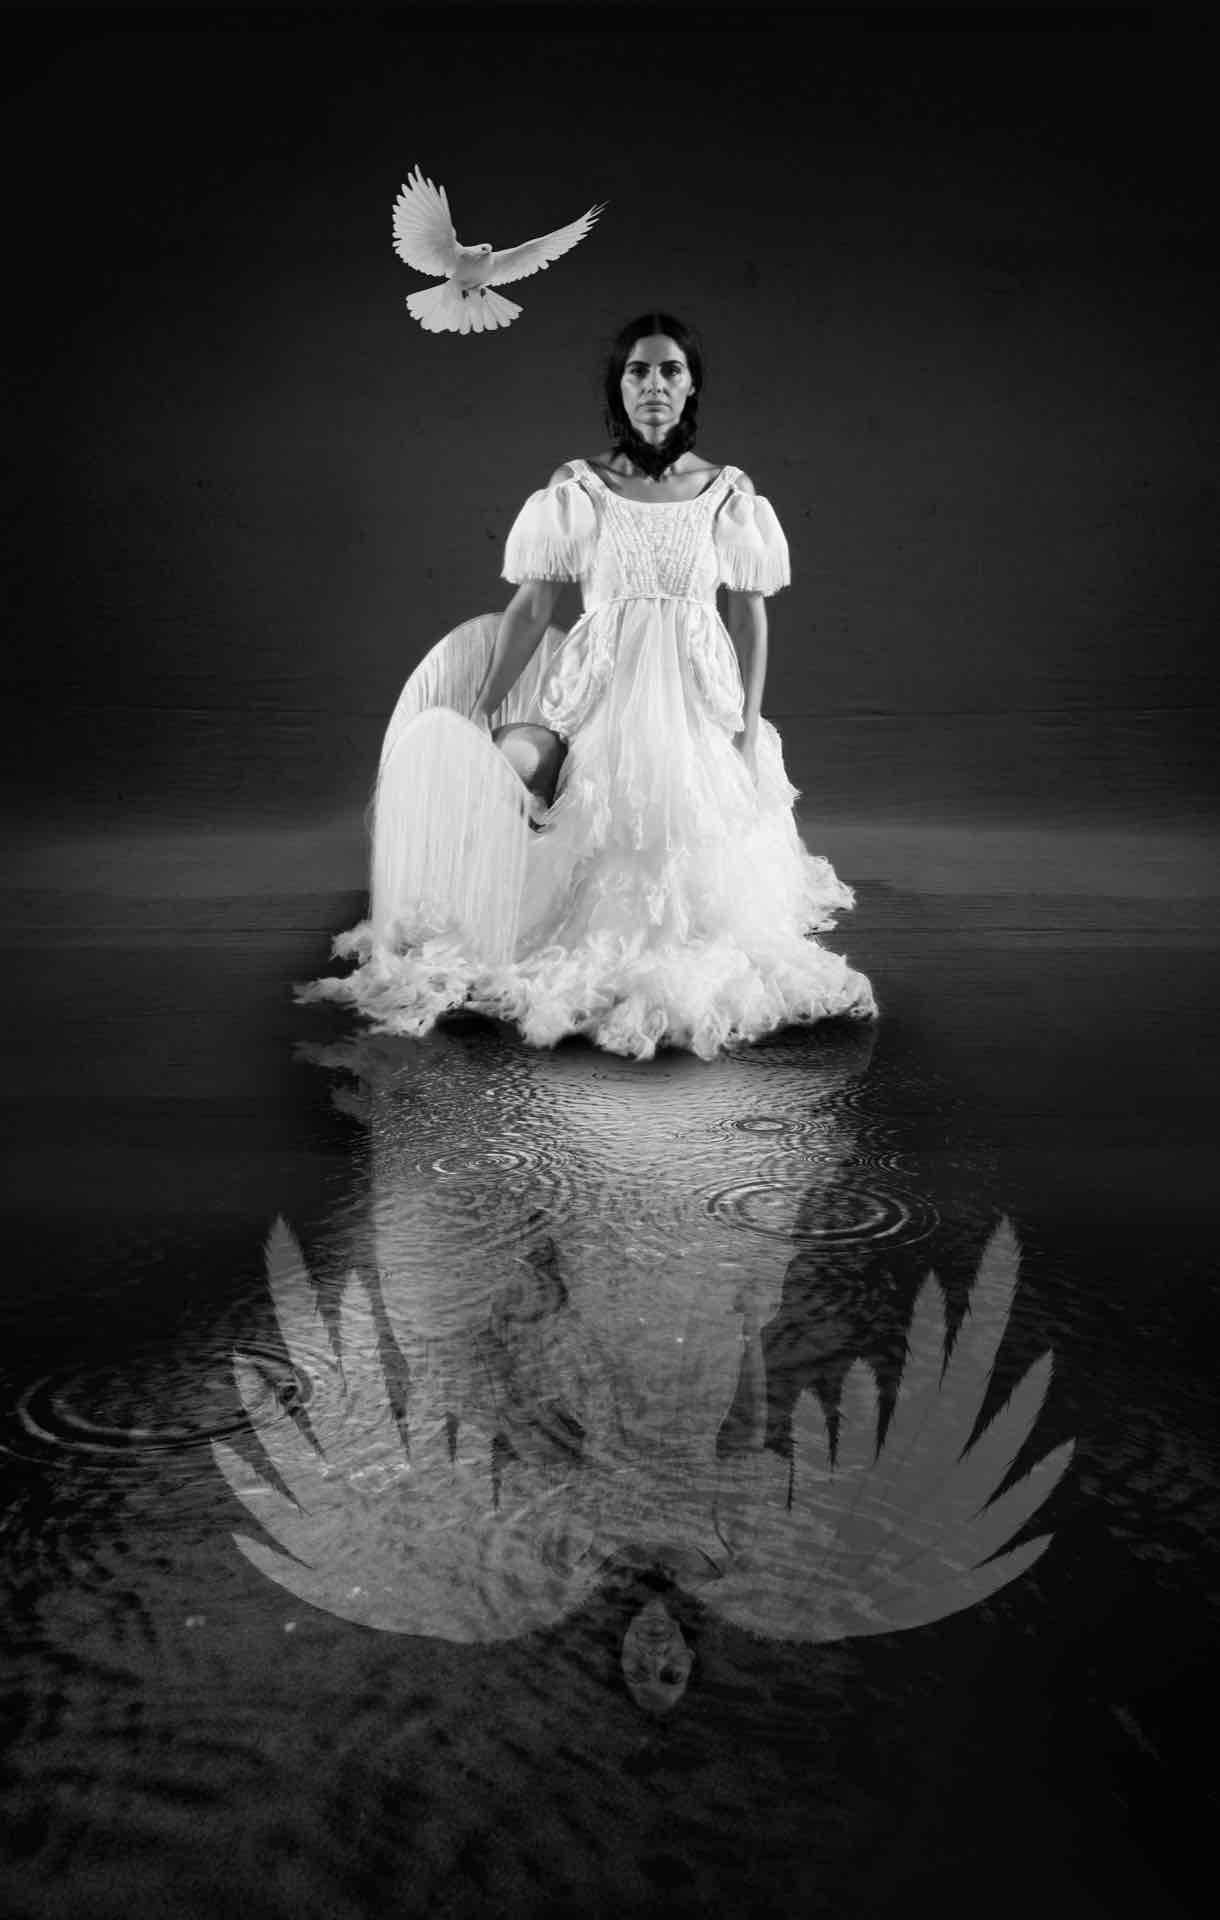 Obra: Reflejo / Reflection